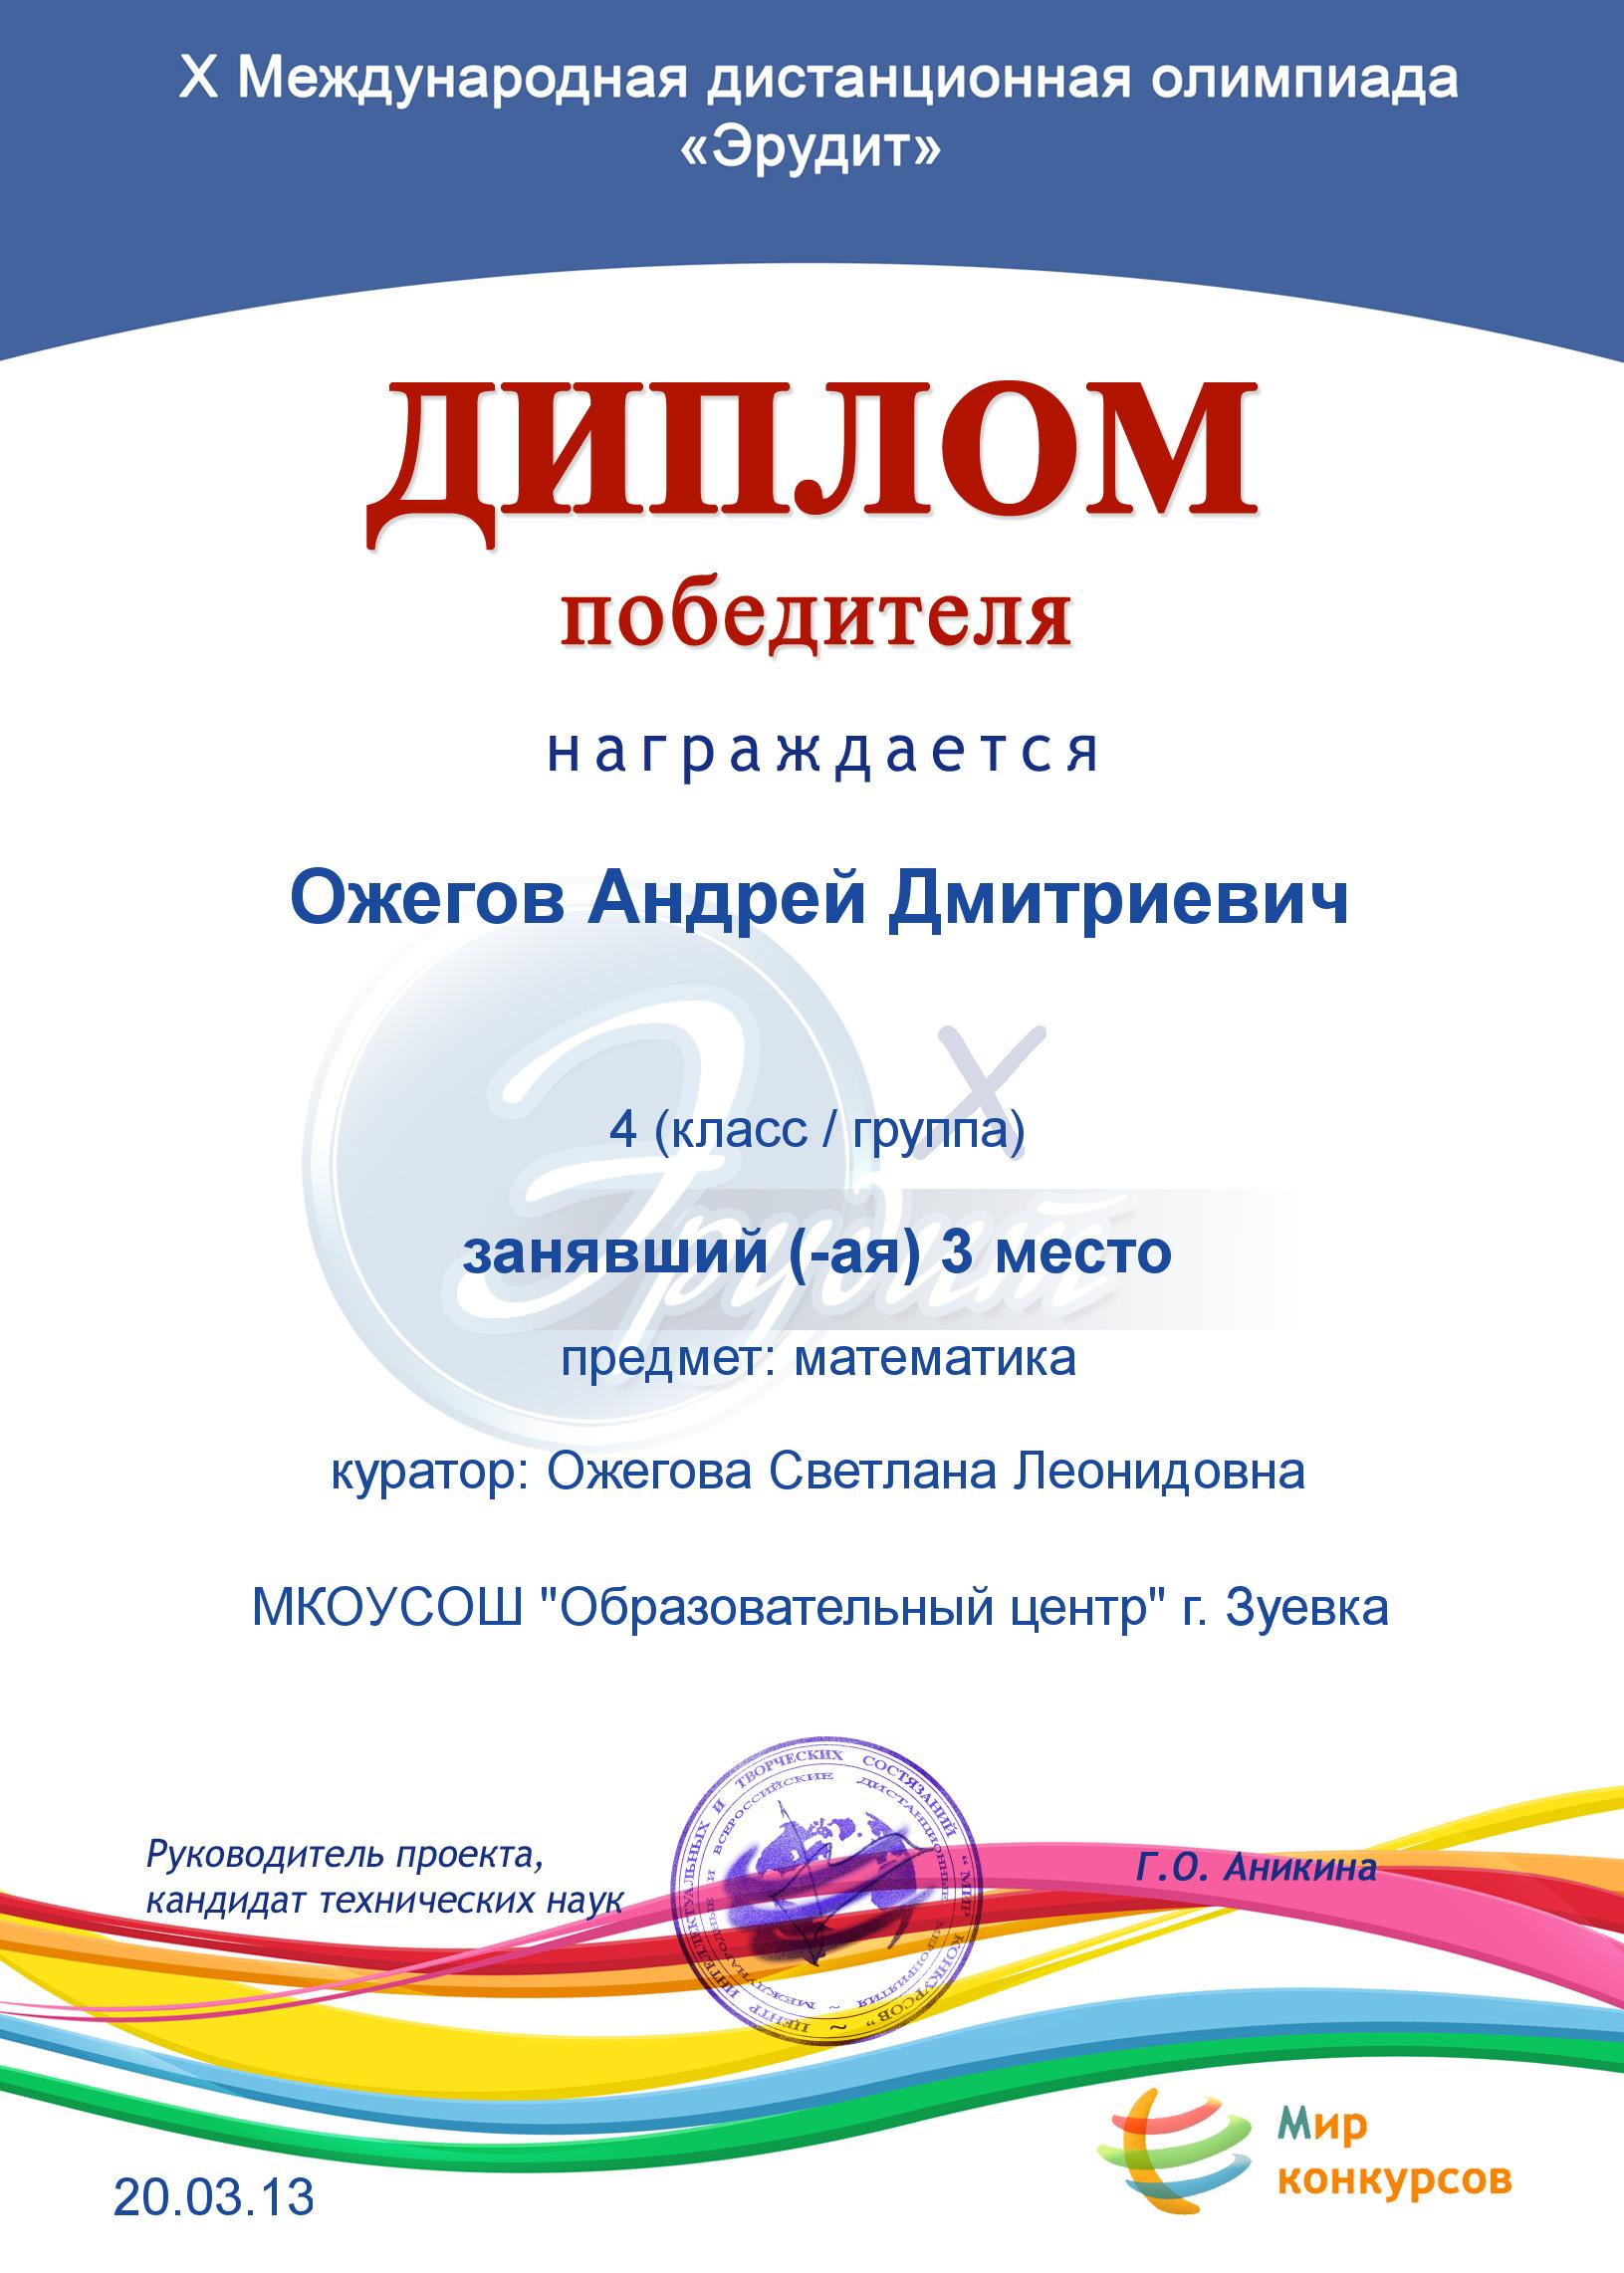 Материалы конкурса по предметам